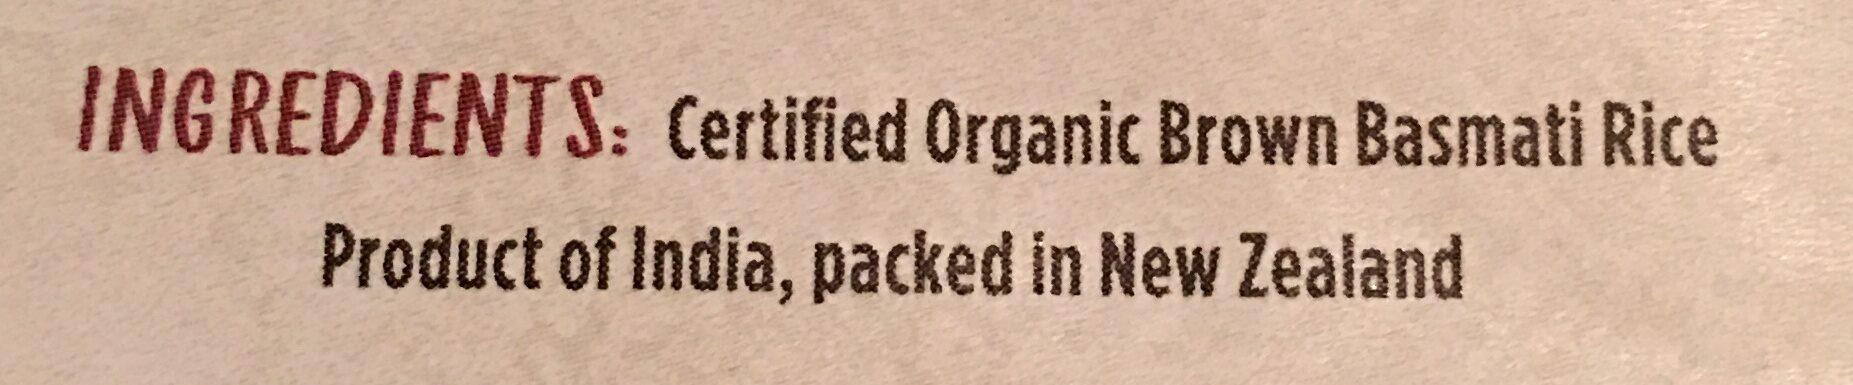 Certified Organic Brown Basmati Rice - Ingredients - en